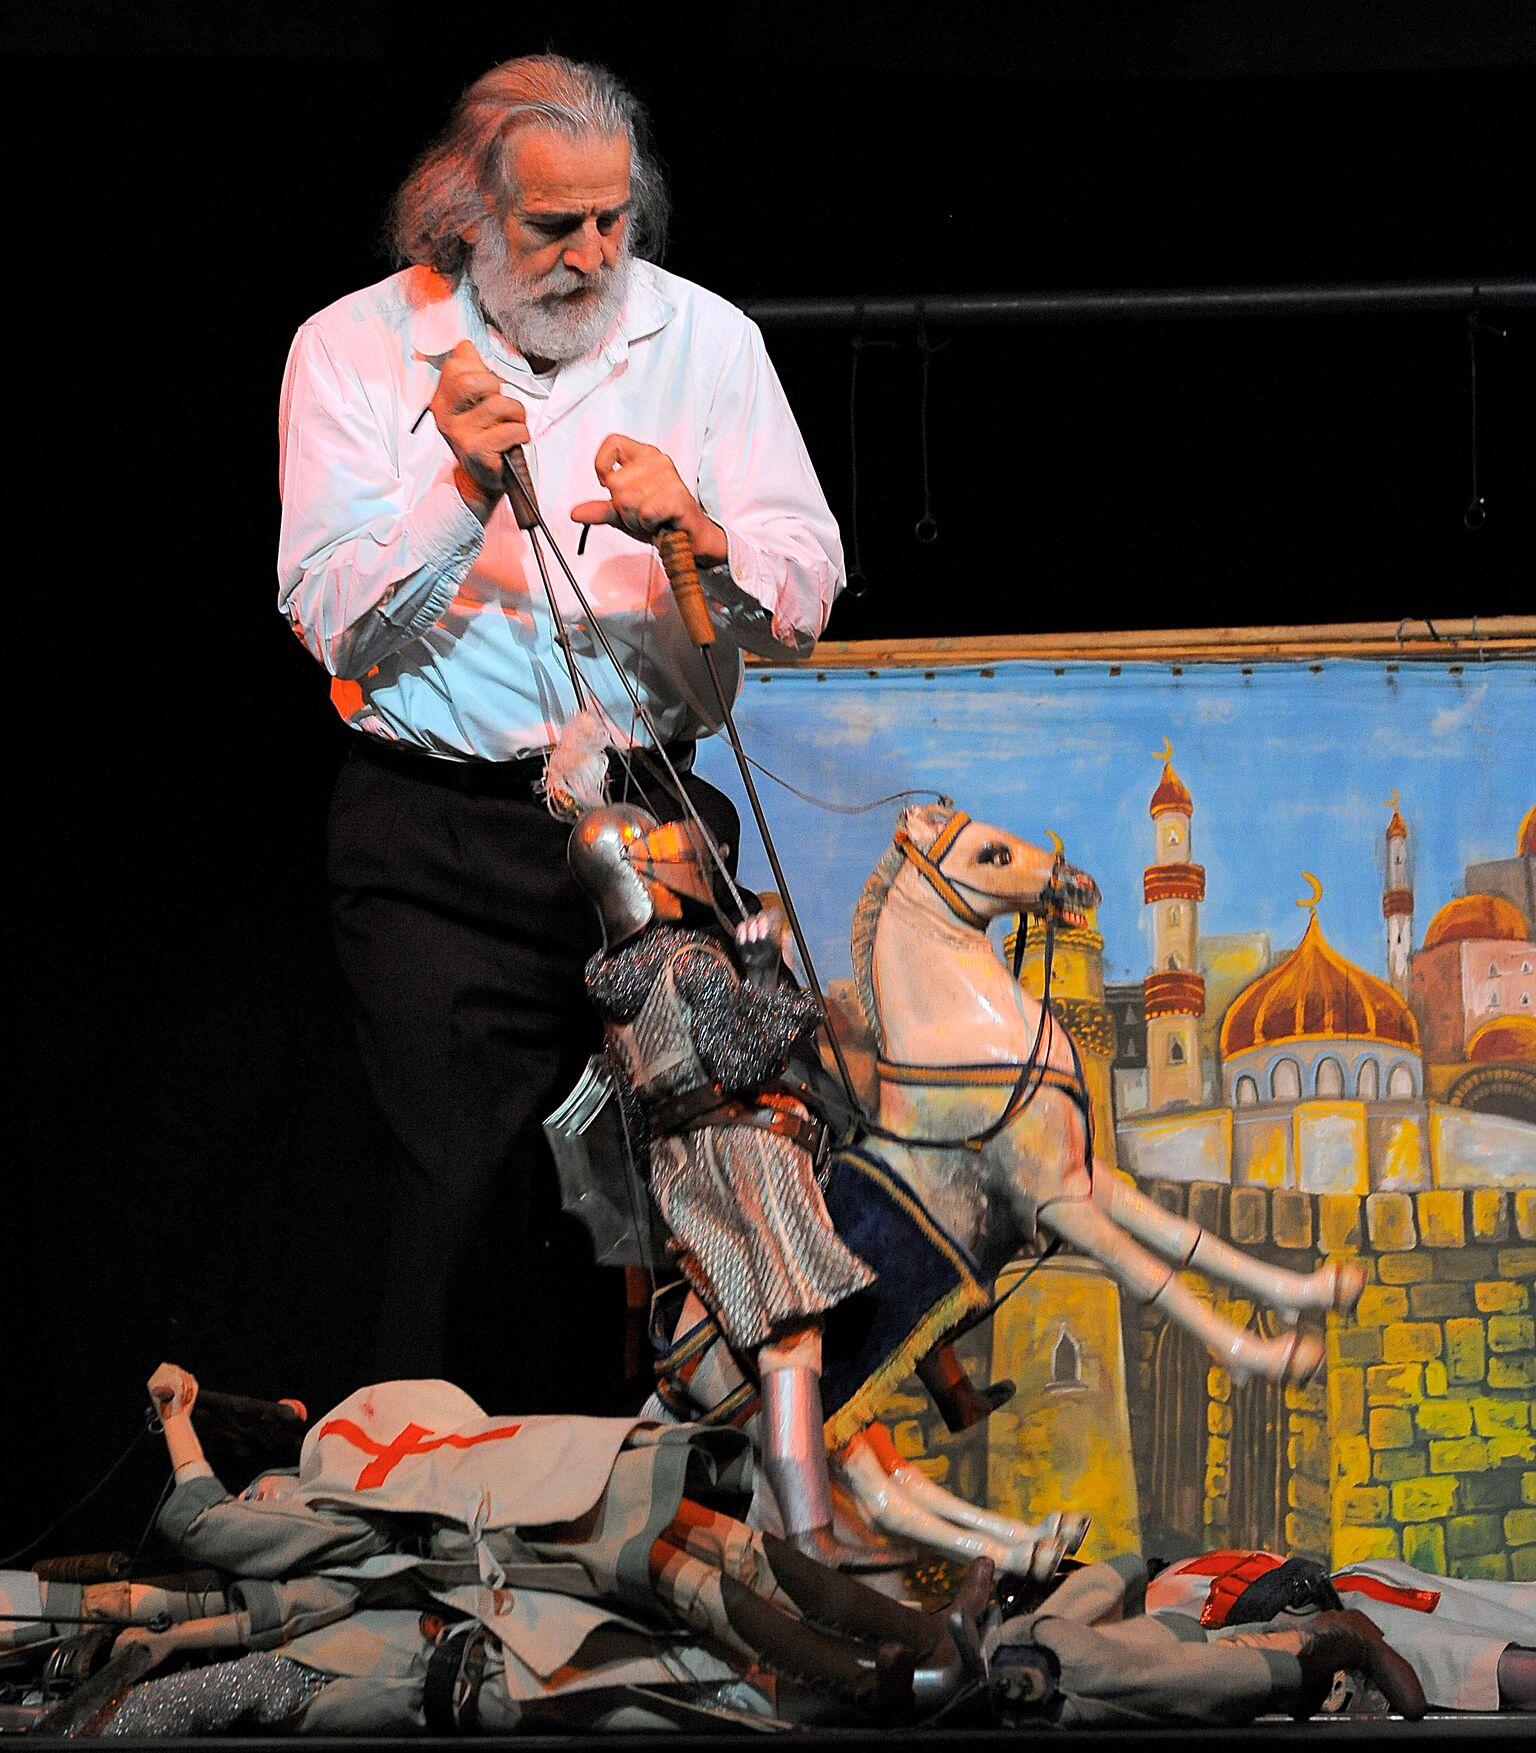 Italian puppeteer, <em>puparo</em> and <em><em>c</em>untista</em>, Mimmo Cuti<em>c</em><em>c</em>hio (Si<em>c</em>ily, Italy, 1948- ), performing <em>opera dei pupi</em>, string marionette theatre in the Palermo style. Photo courtesy of Figli d'Arte Cuticchio